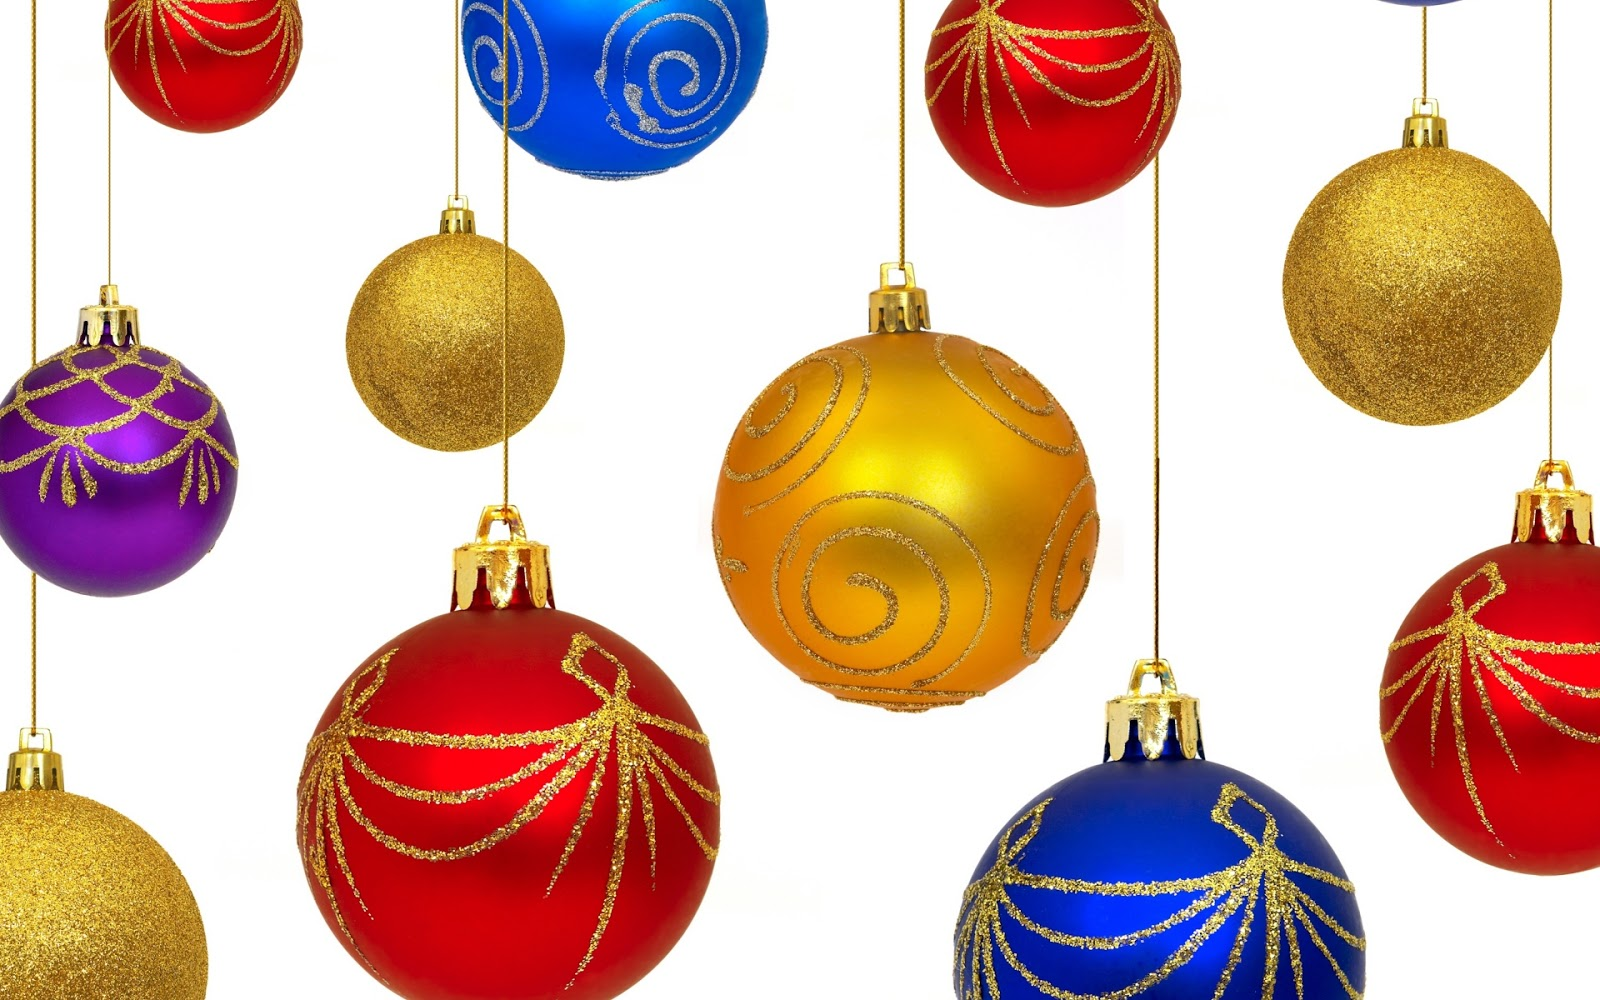 Wallpapernarium bolas de navidad de distintos colores - Como decorar una bola de navidad ...